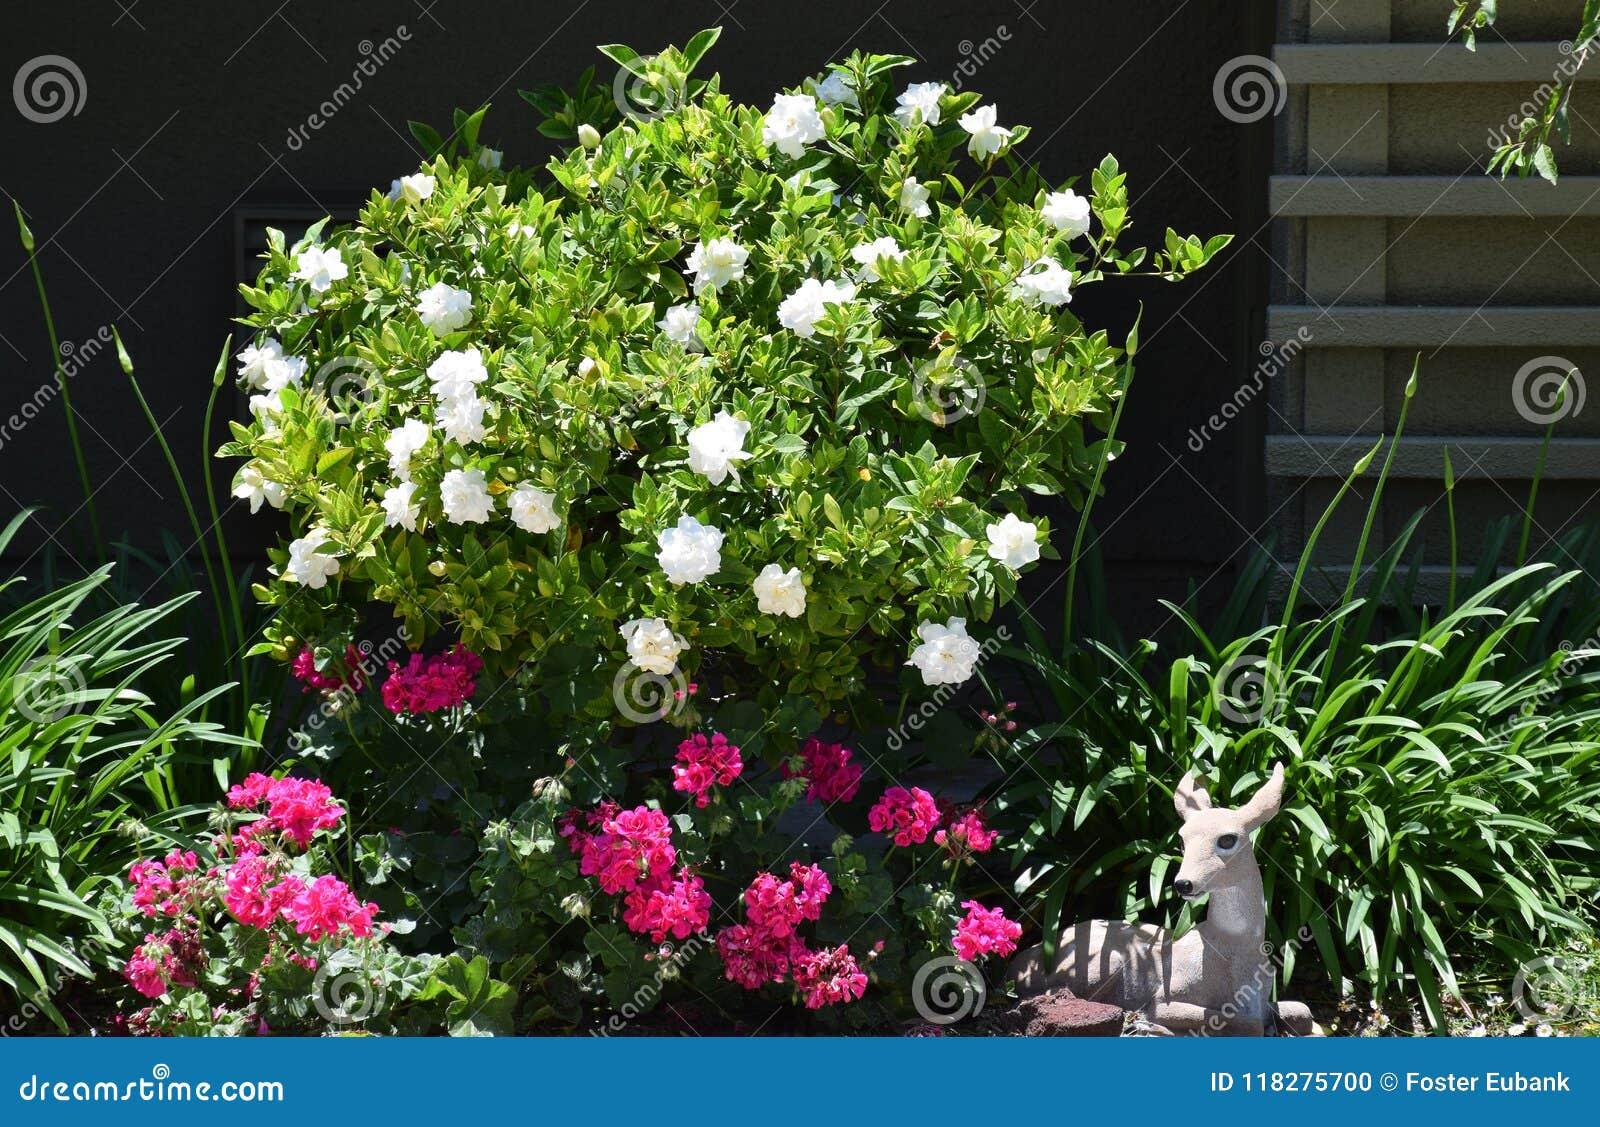 Gardeniastruik in volledige bloei